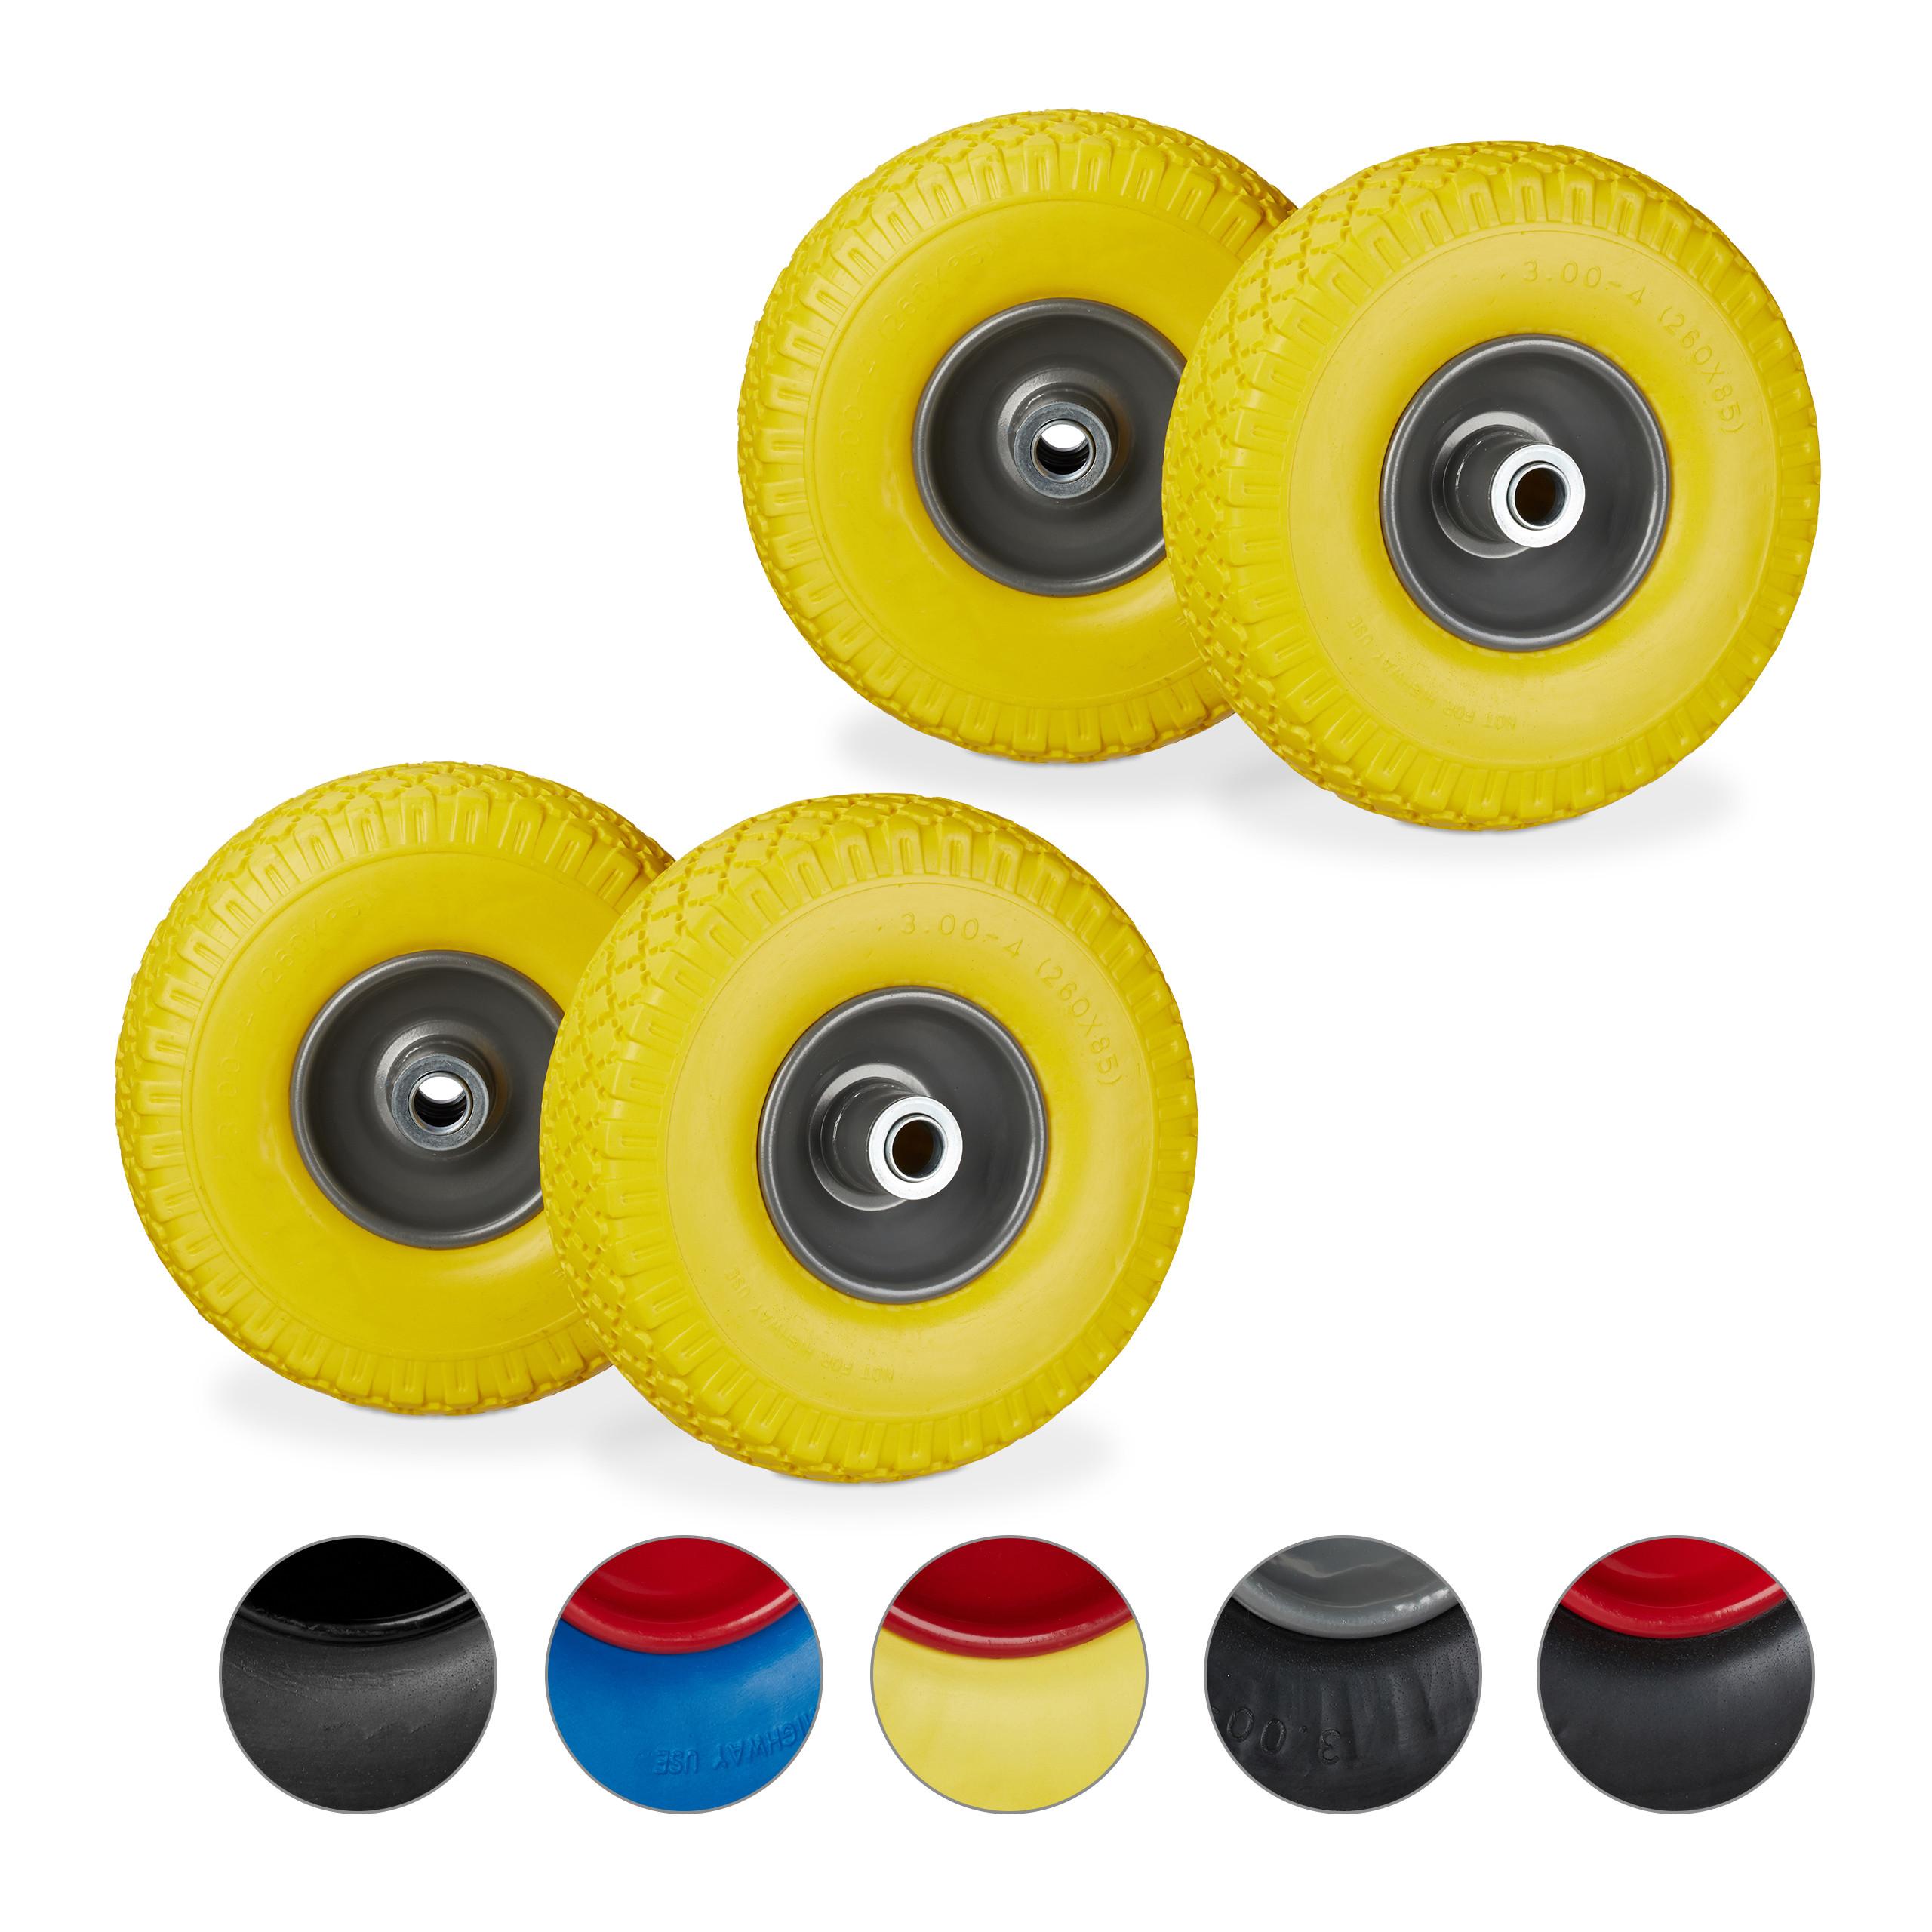 2 x Sackkarrenrad Ersatzrad 260 x 85 mm bis 80 kg 3.00-4 Zoll 20 mm Achse gelb-grau pannensichere Vollgummireifen